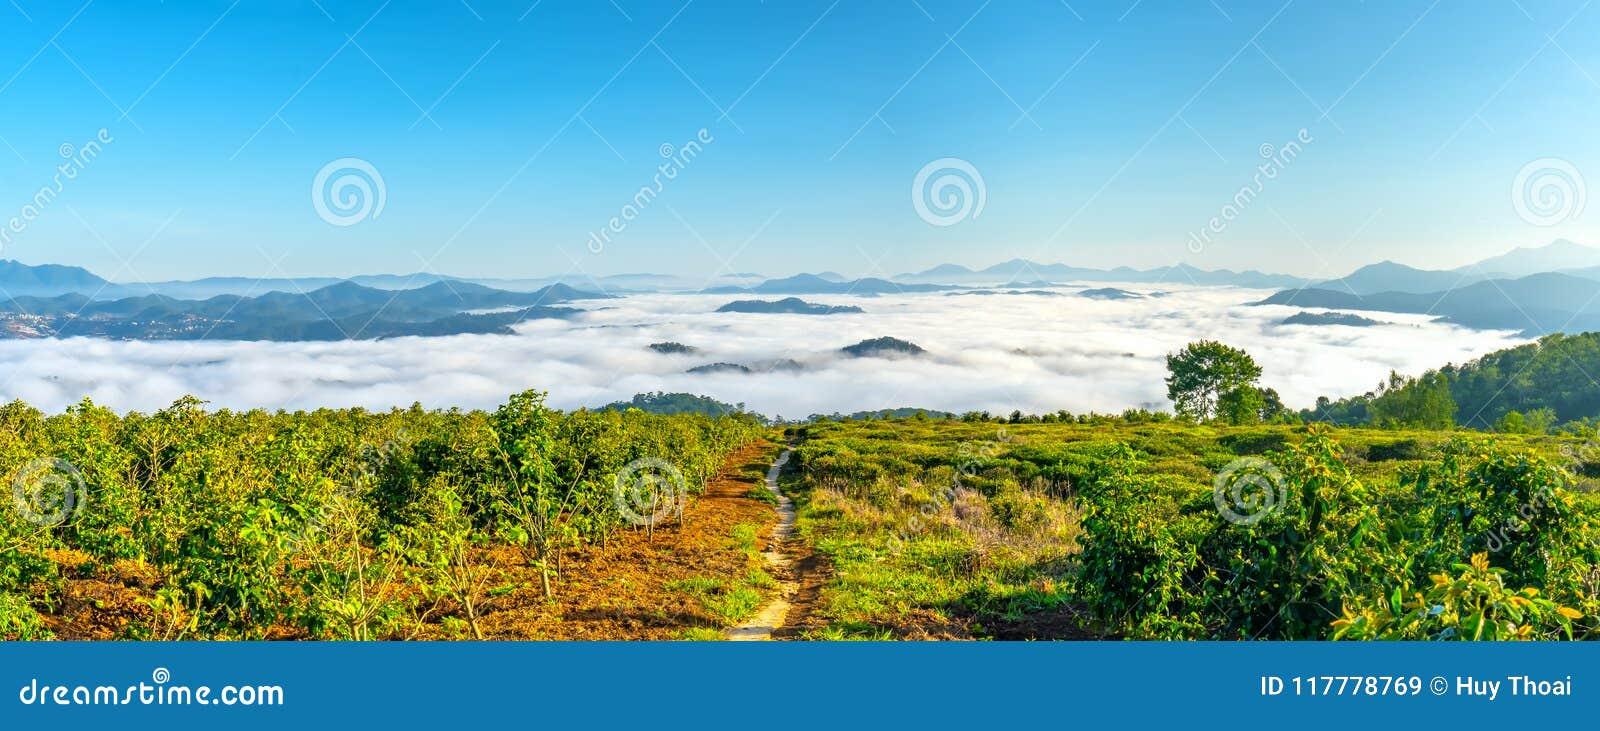 Morgon i liten stad på täckte husen för platå de dimma